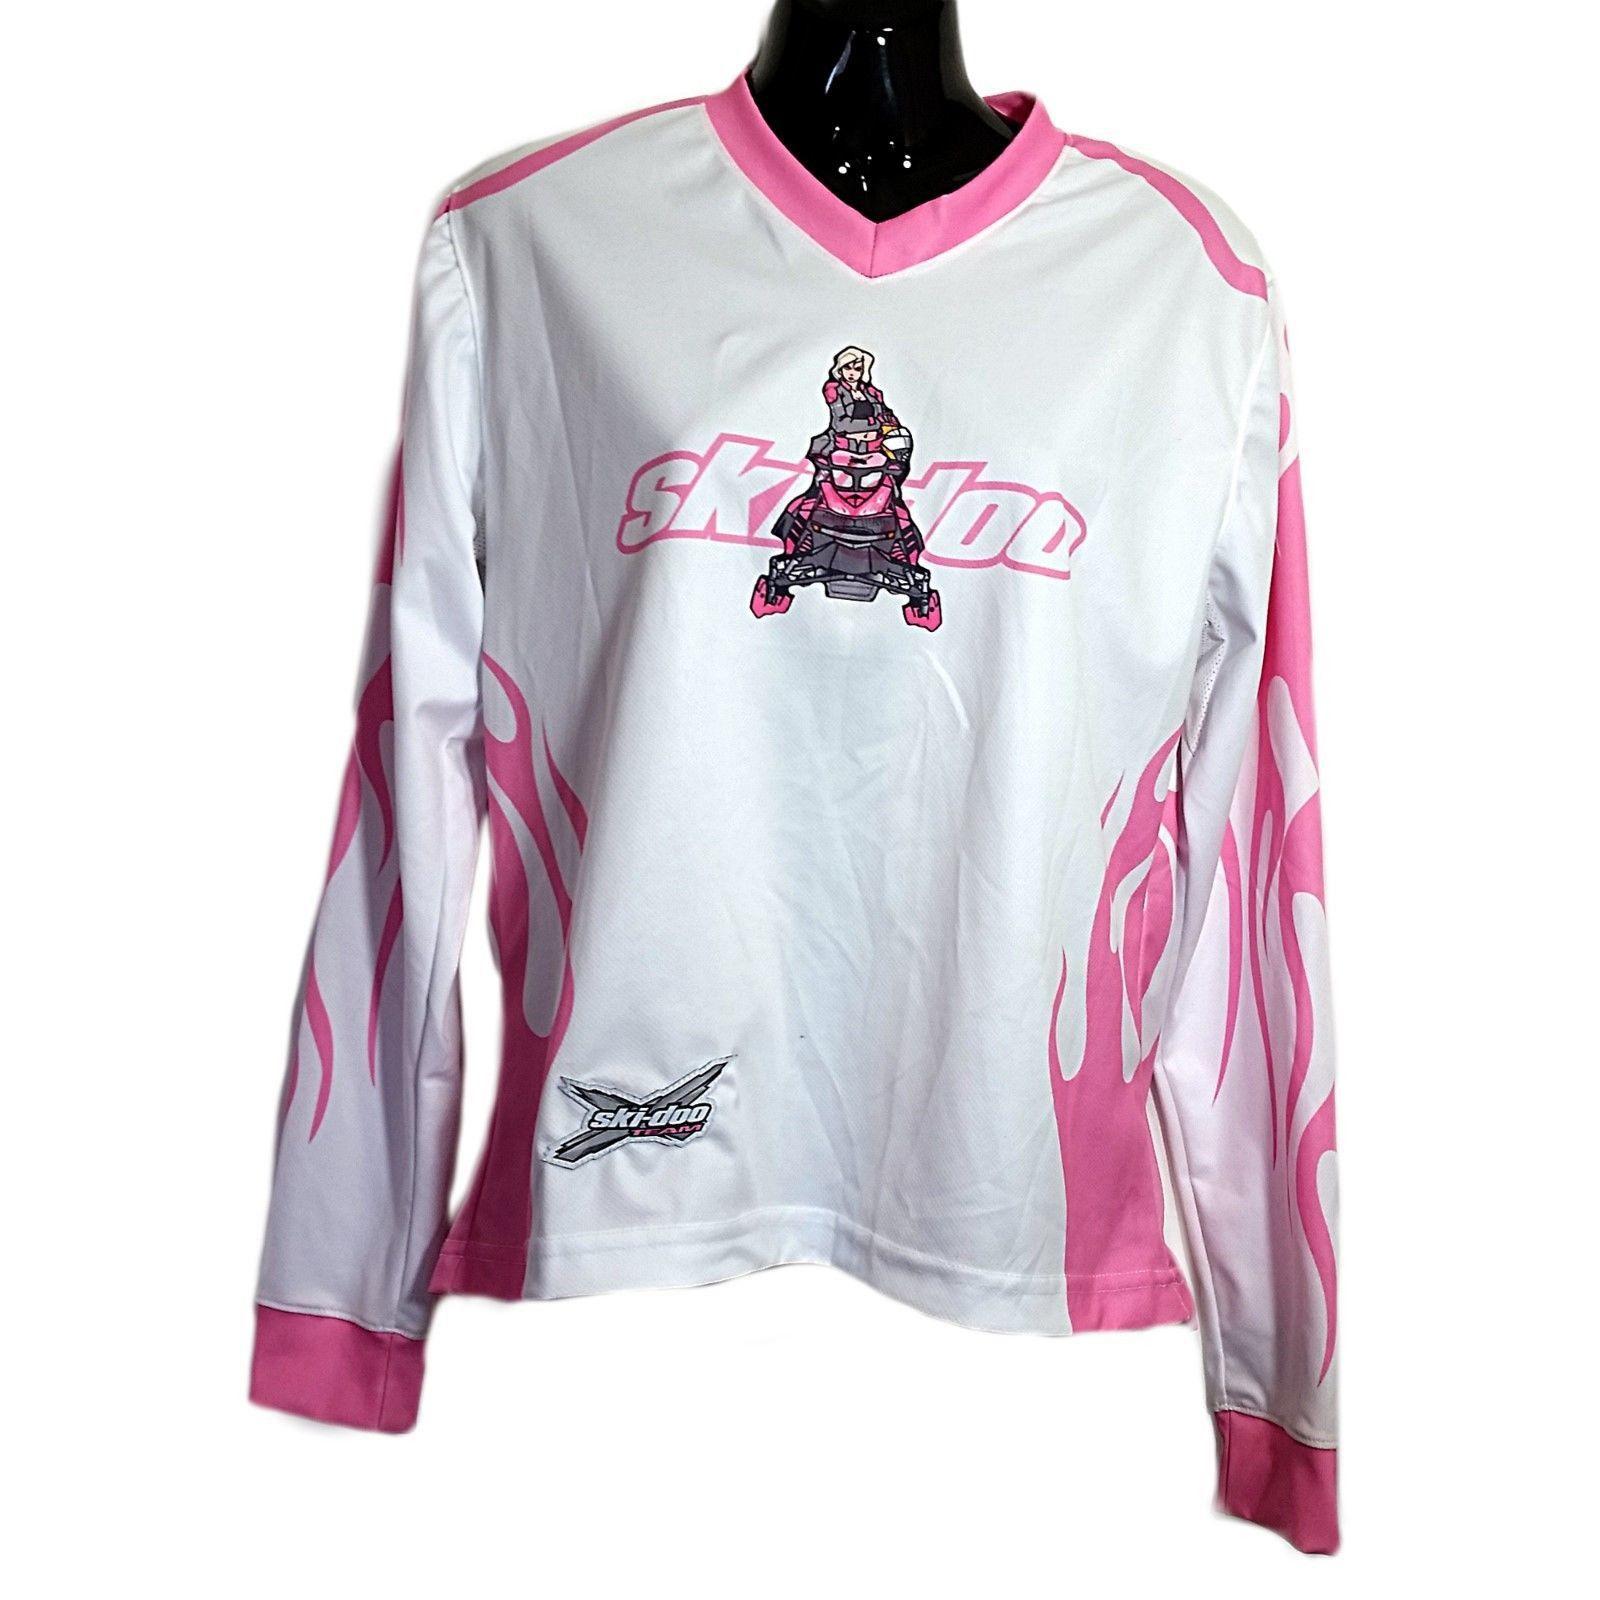 Pink White Skidoo X Team Jersey Shirt Brp Womens Size M Sport Long Sleeve F529 Jersey Shirt Long Sleeve Tshirt Men Long Sleeve